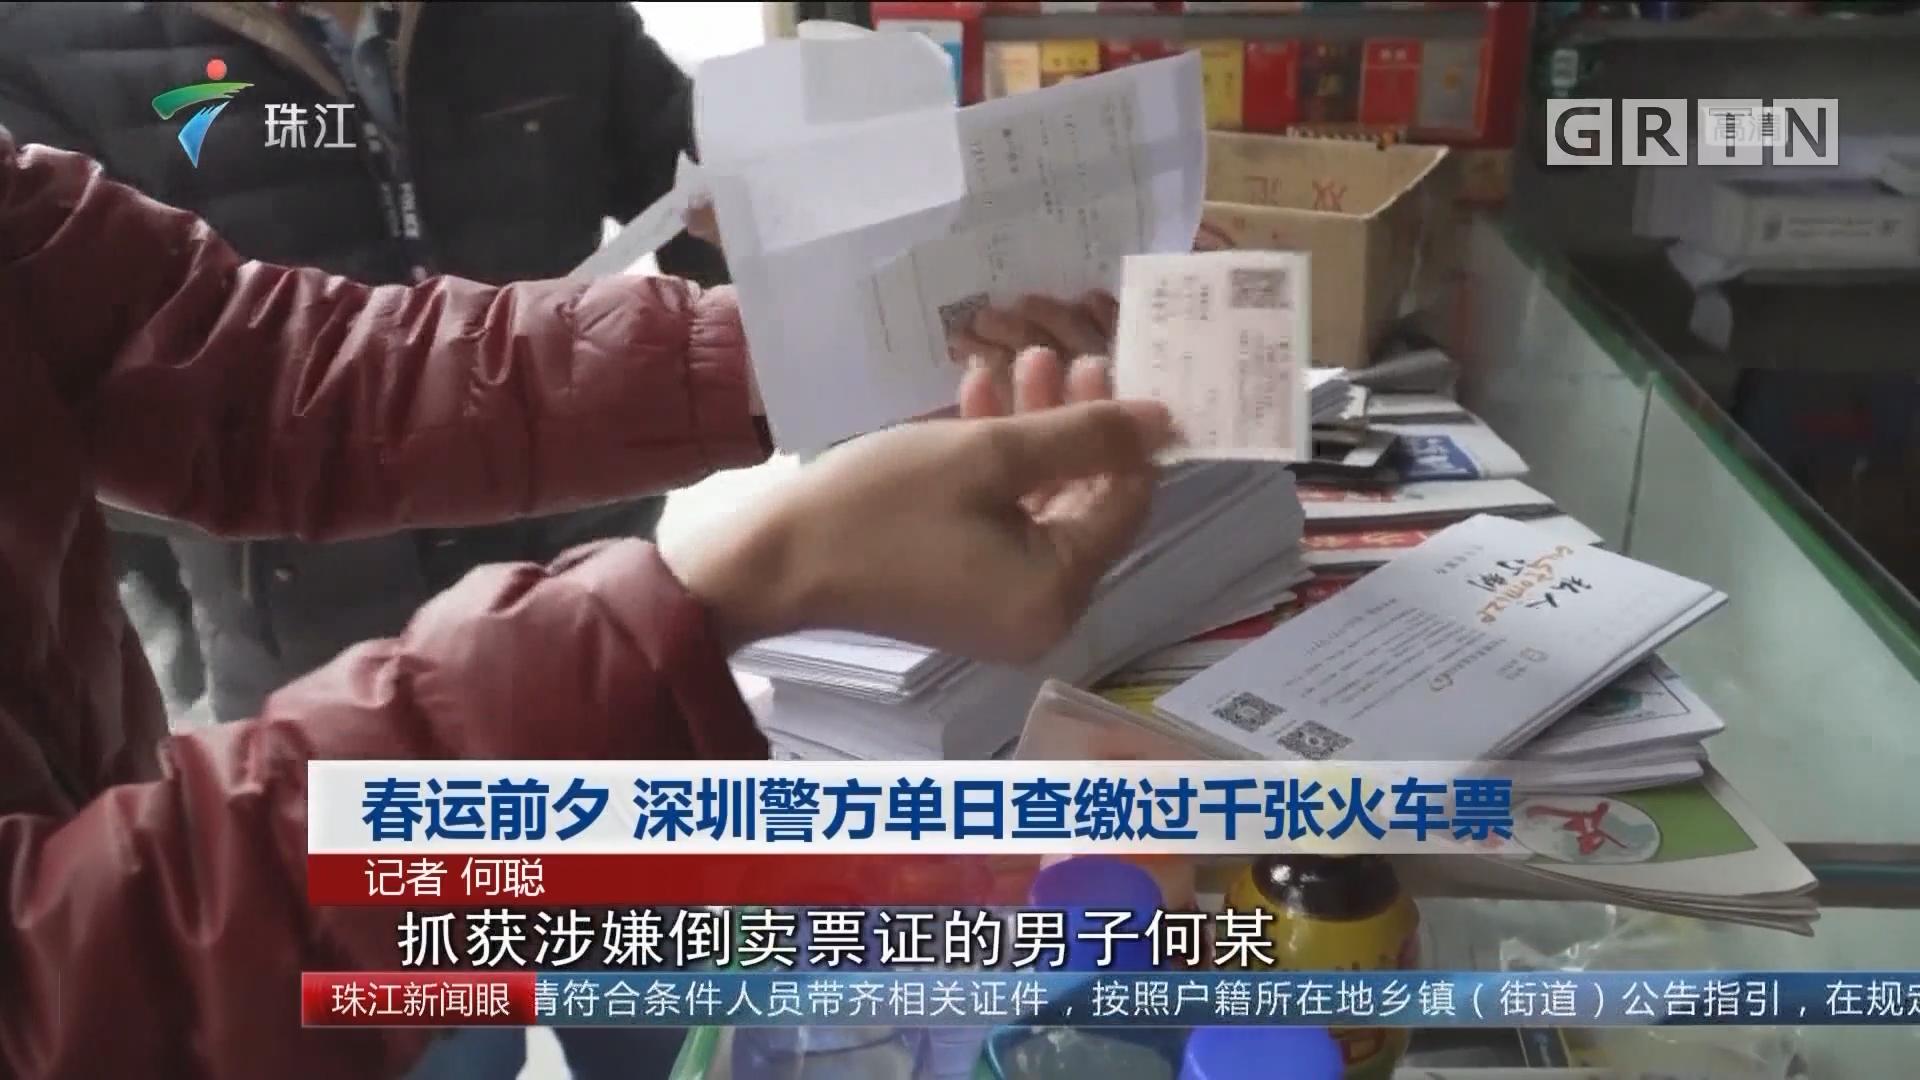 春运前夕 深圳警方单日查缴过千张火车票